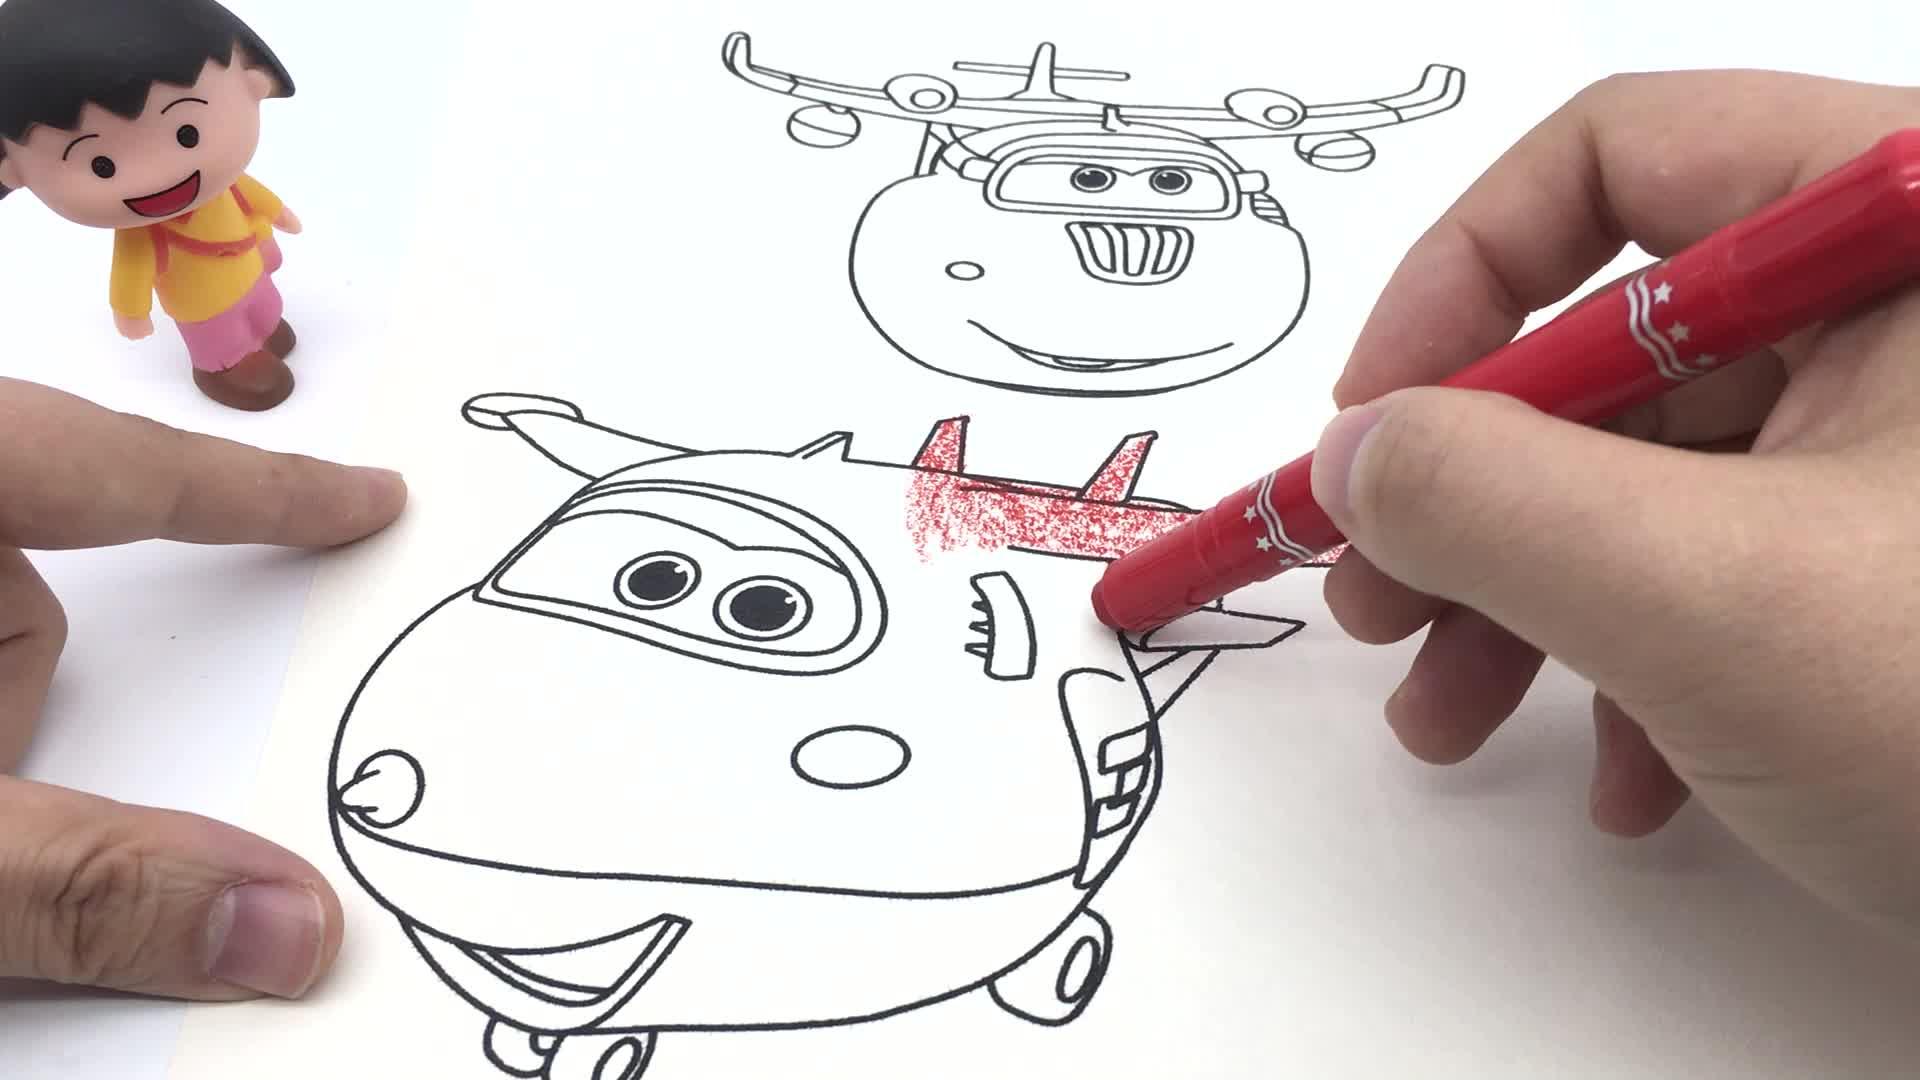 樱桃小丸子画超级飞侠乐迪和多多涂色画 小猪佩奇奥特曼超级飞侠.